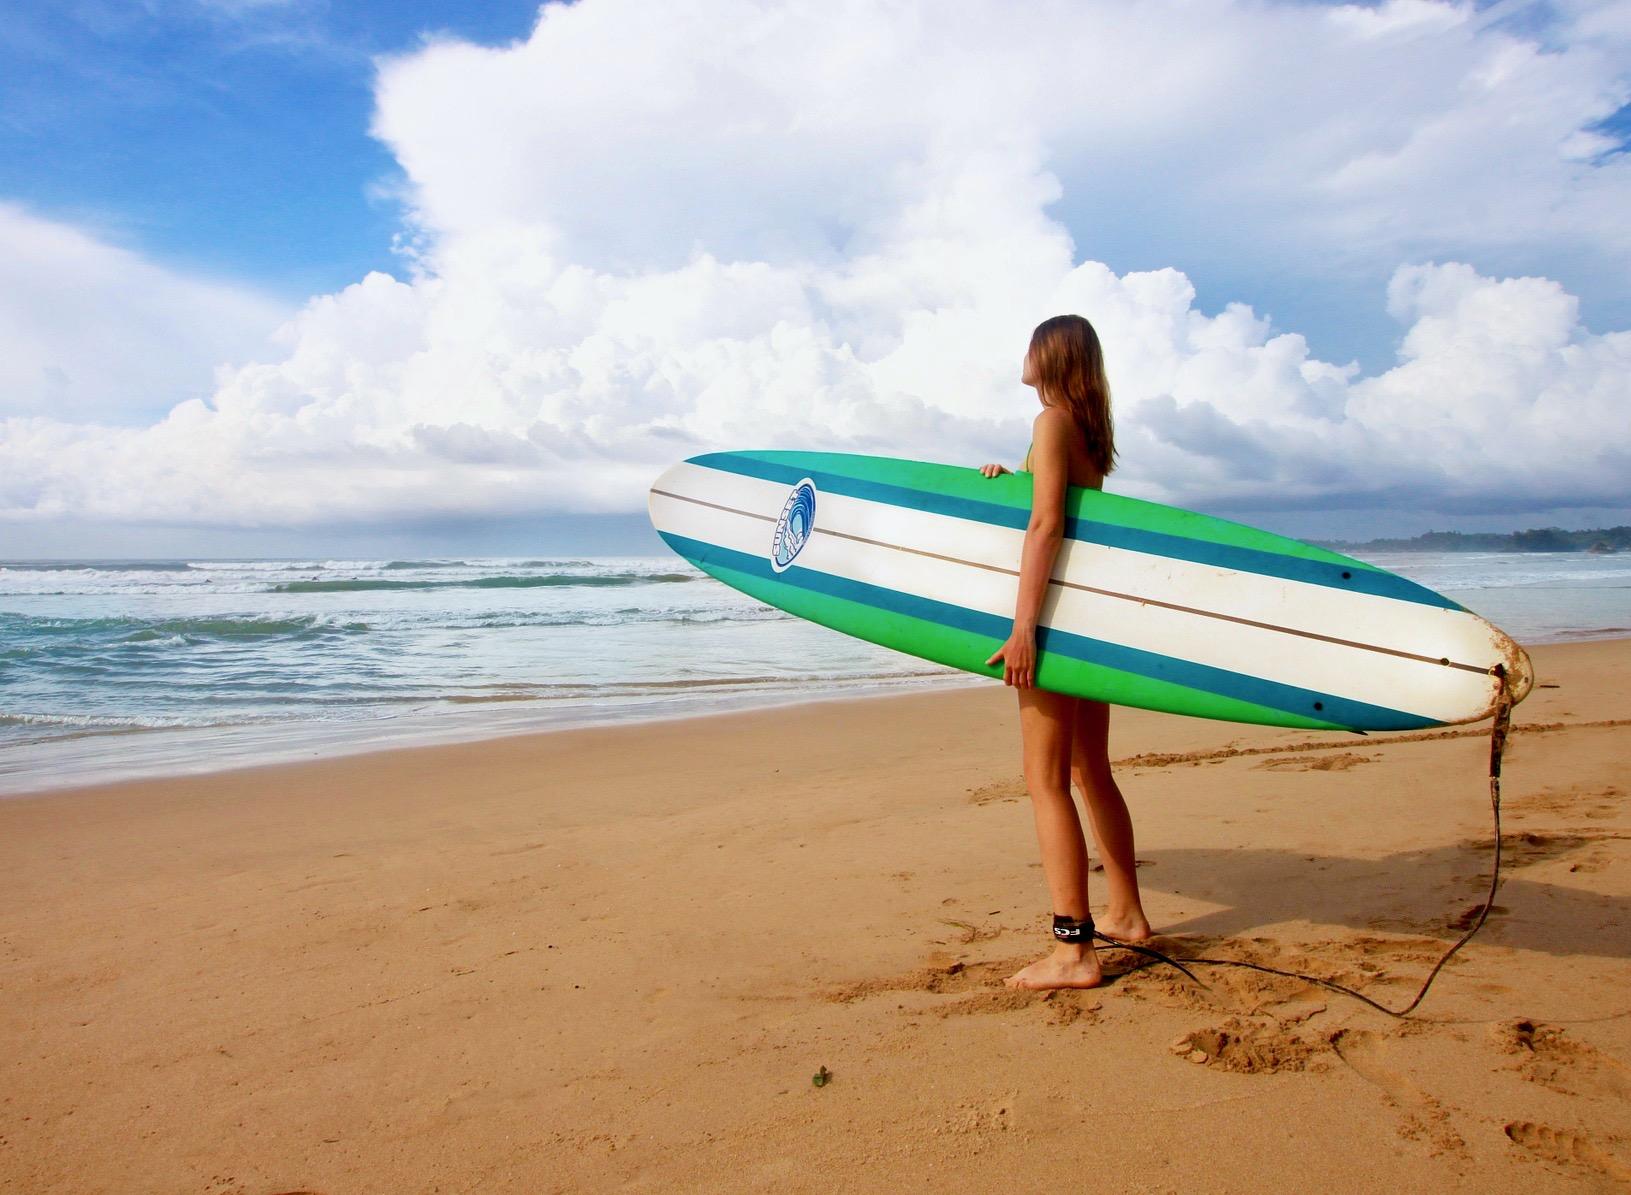 Una chica con una tabla de surf mirando al mar buscando olas antes de meterse en el agua.